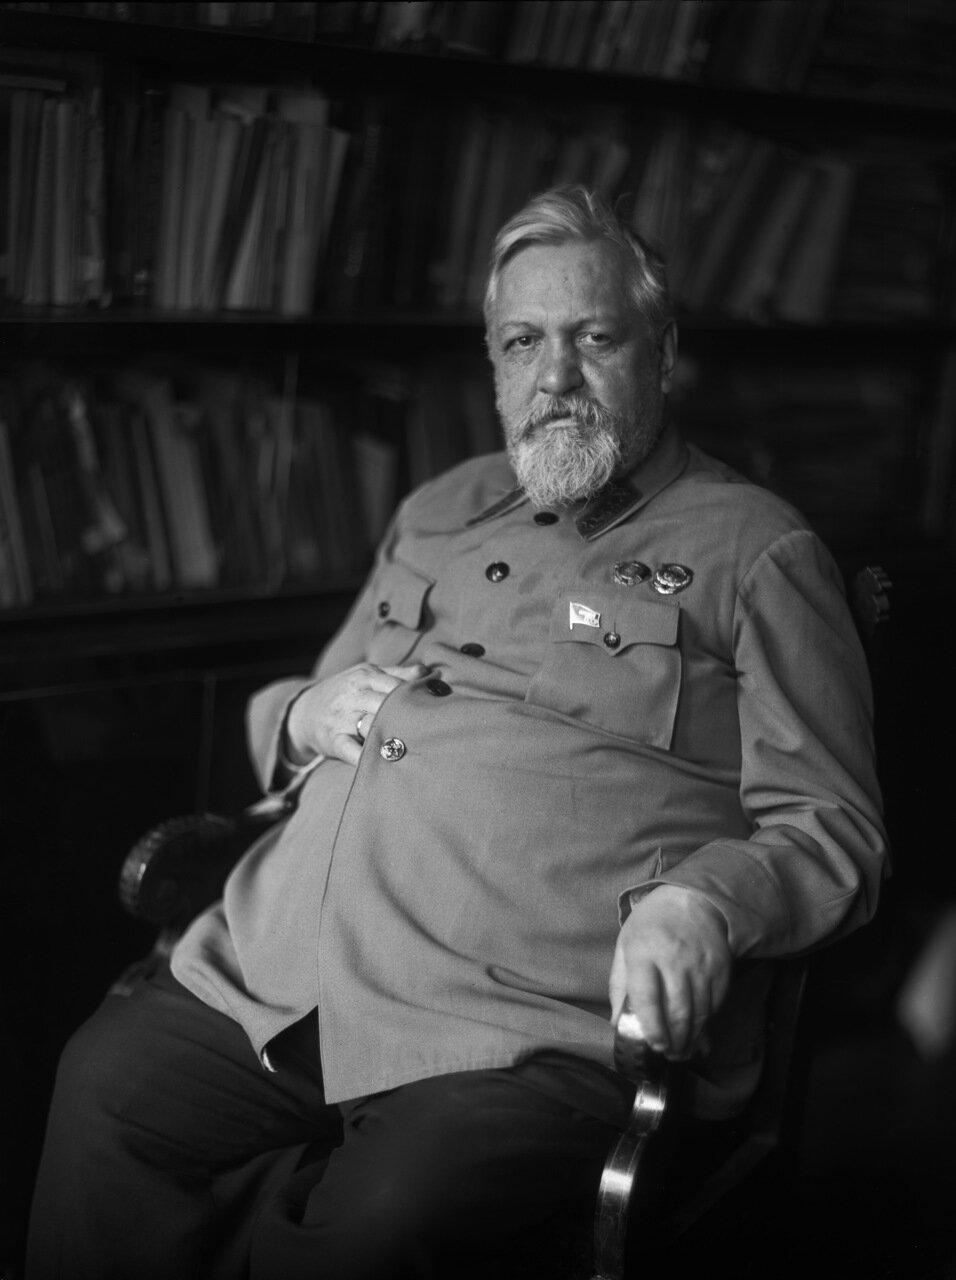 Образцов Владимир Николаевич (1874 — 1949) — российский и советский учёный в области транспорта. Лауреат двух Сталинских премий (1942, 1943). Академик АН СССР с 1939 года.